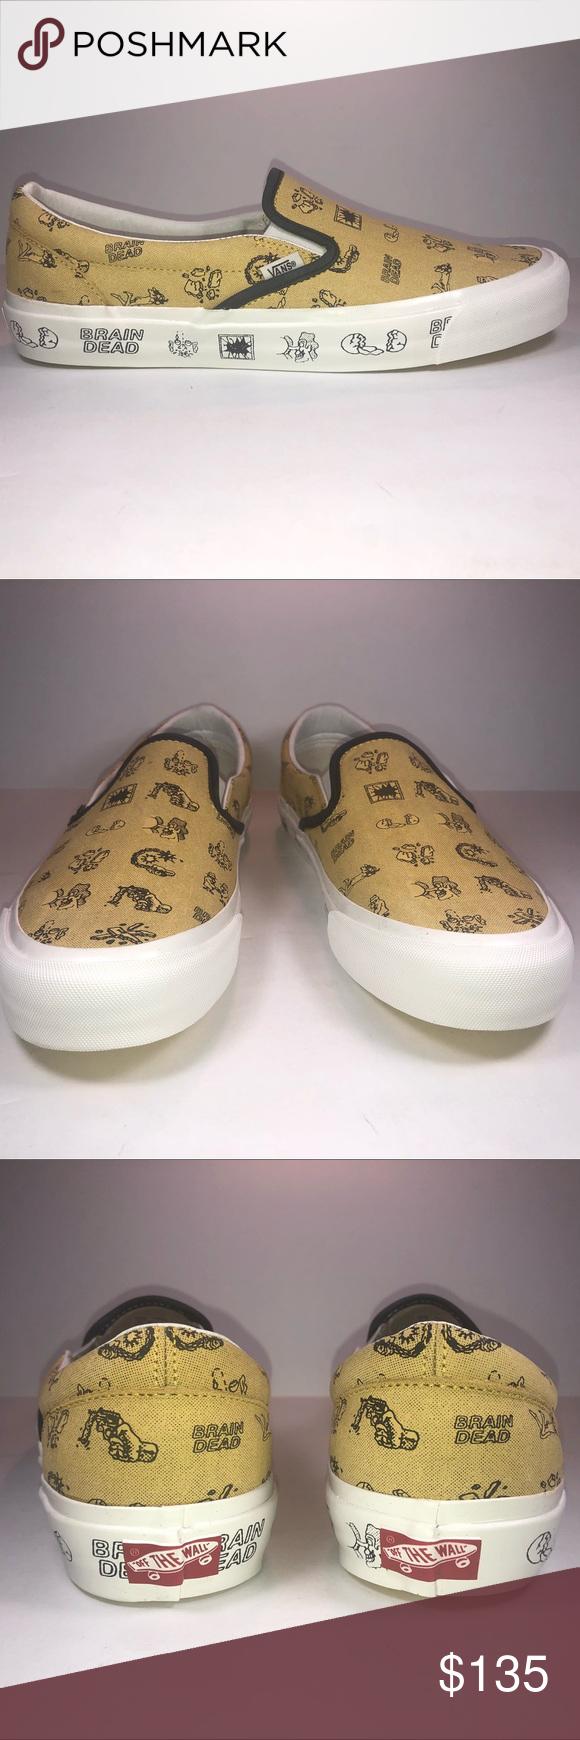 8cbb031c40f393 I just added this listing on Poshmark  Vans Brain Dead Classic Slip On  Aspen Gold Sneaker.  shopmycloset  poshmark  fashion  shopping  style   forsale  Vans ...